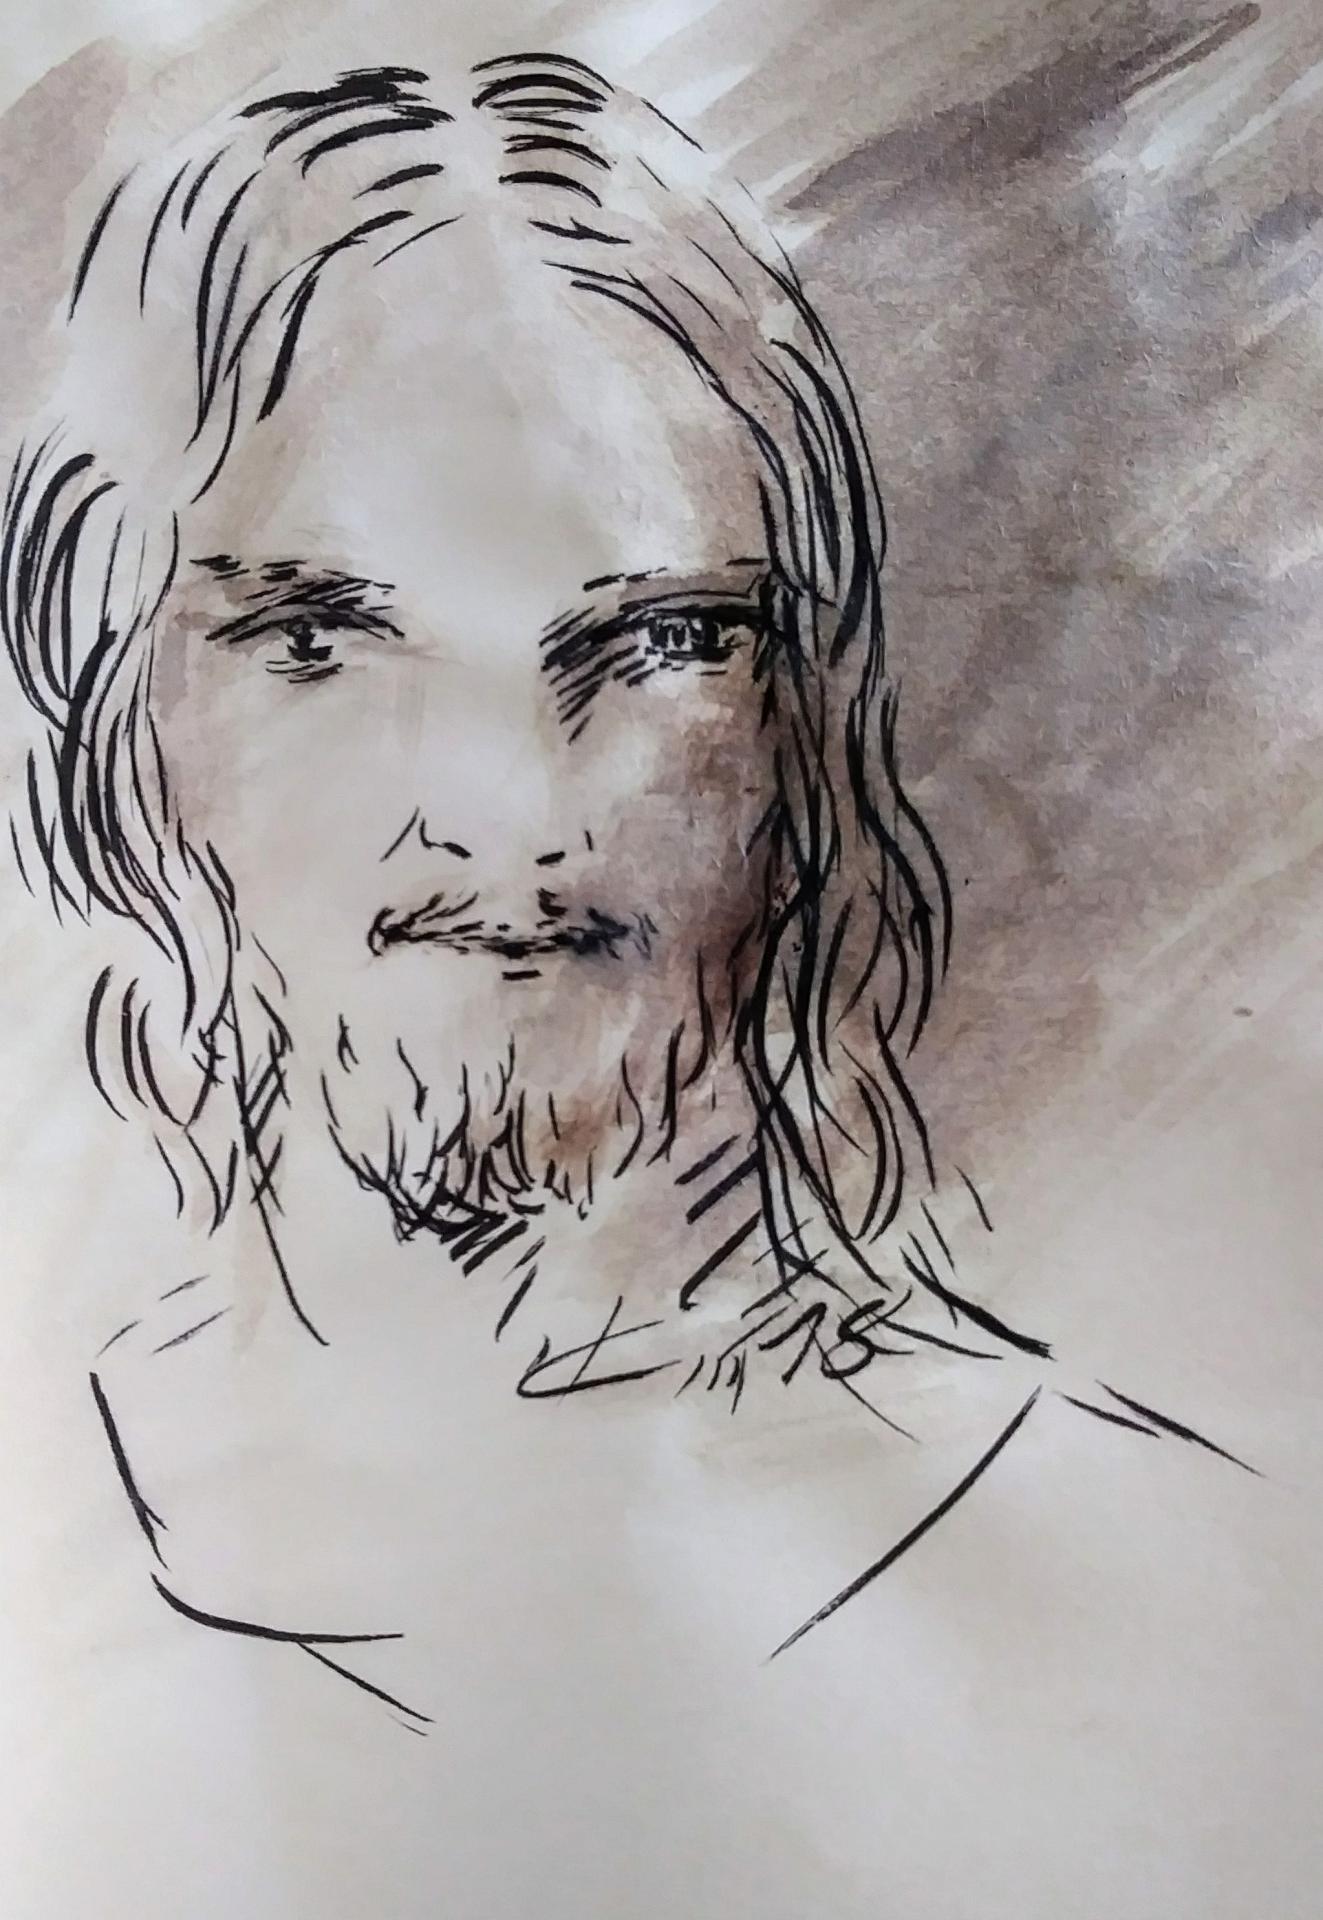 4 Mai 2018, évangile du jour illustré par un dessin au lavis